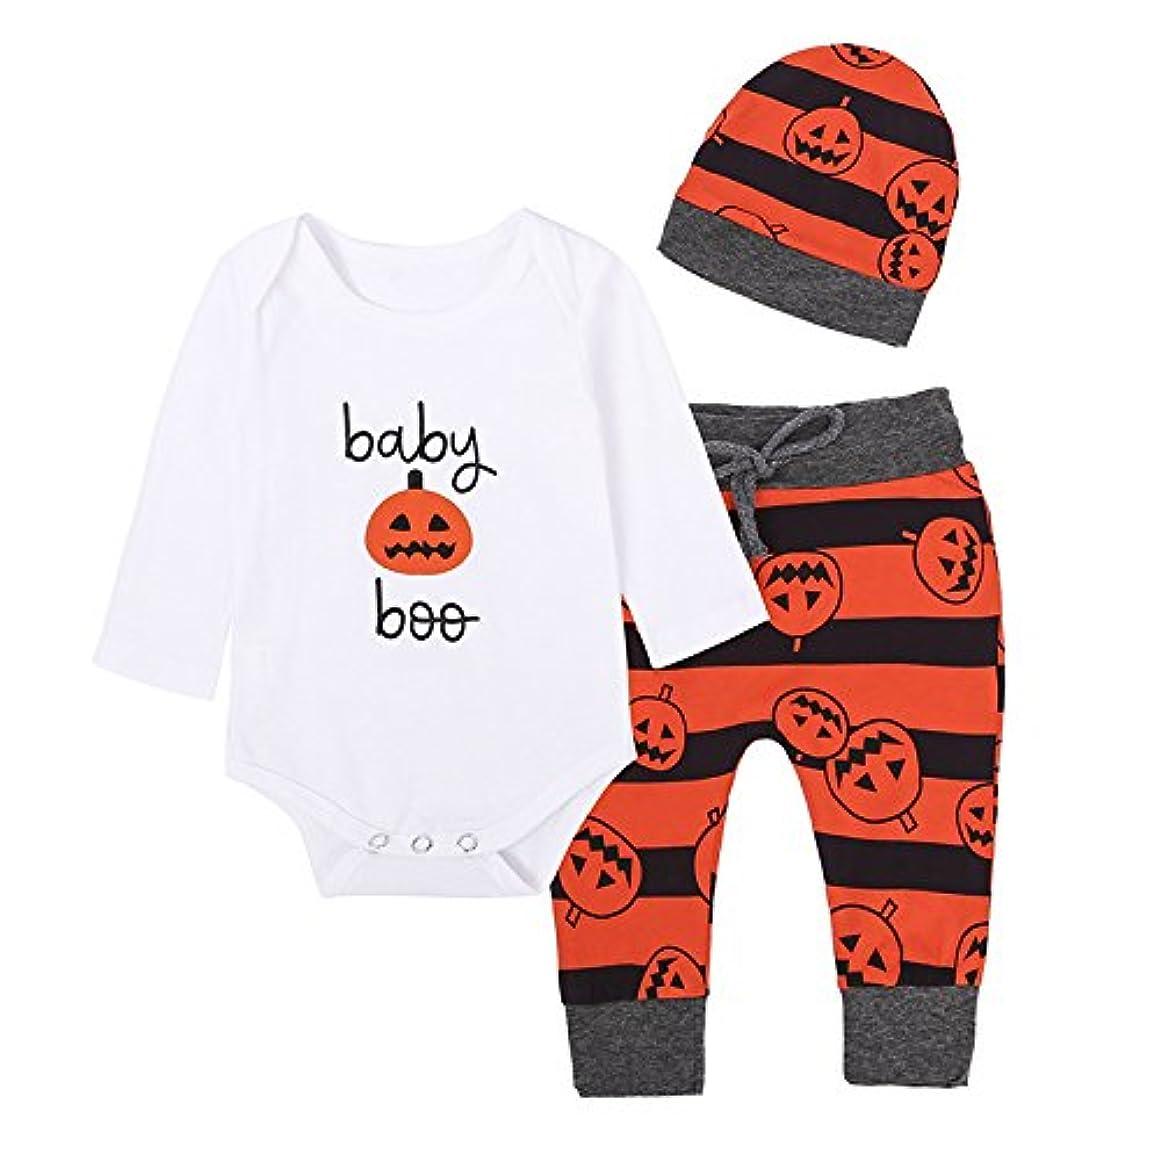 豊富な共和国毎年Fairy Baby ハロウィーン衣装 ベビーロンパース 長袖 帽子 ロングパンツ 3点セット カボチャ柄 パジャマ size 90